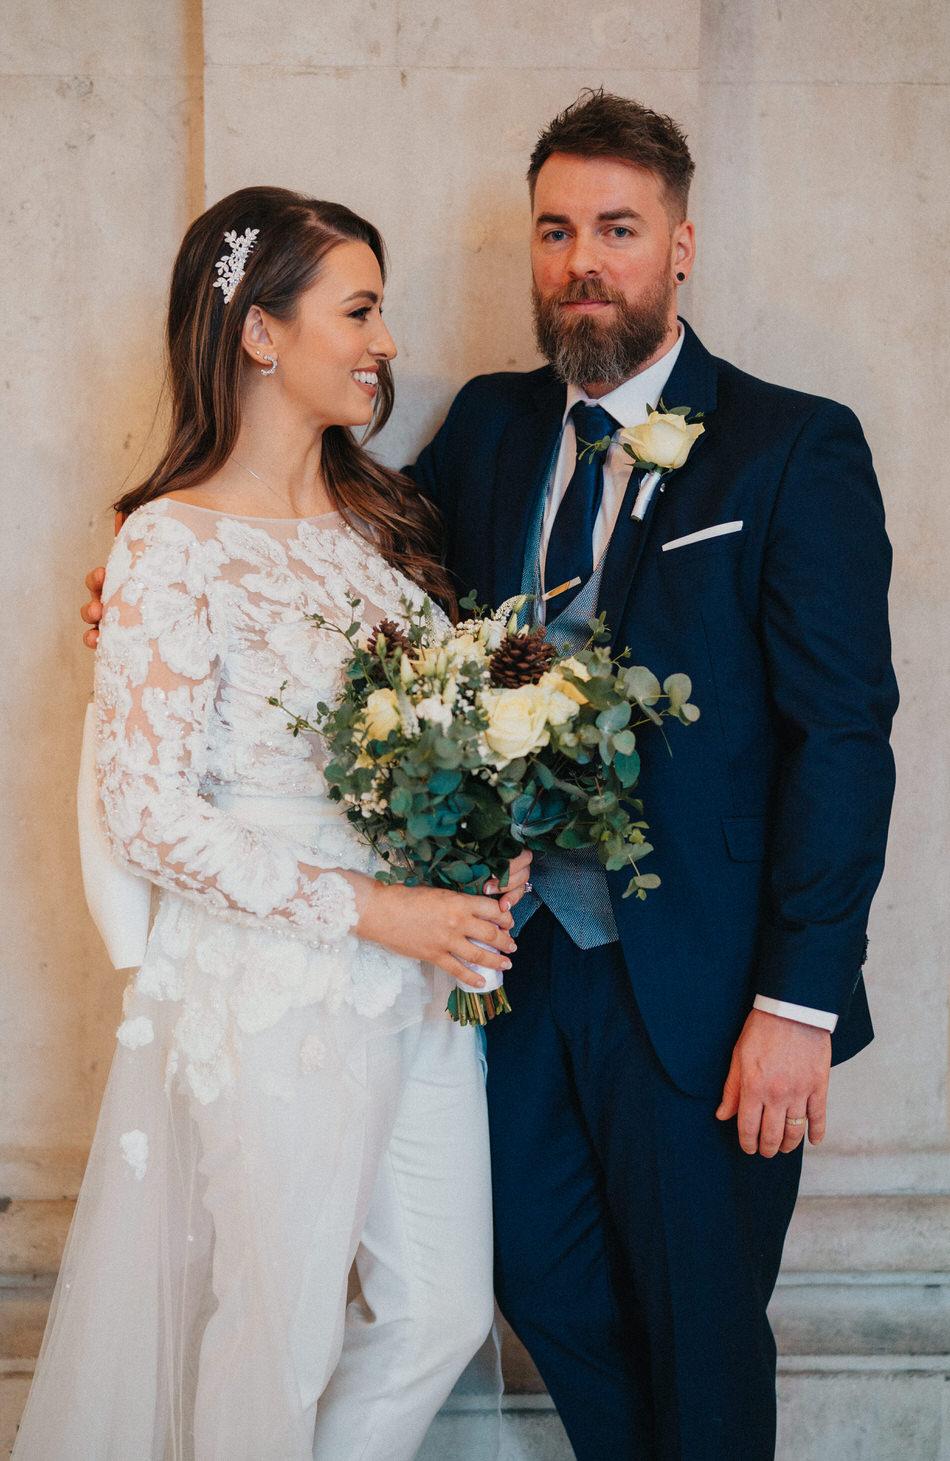 City-hall-dublin-wedding-photos-59 58